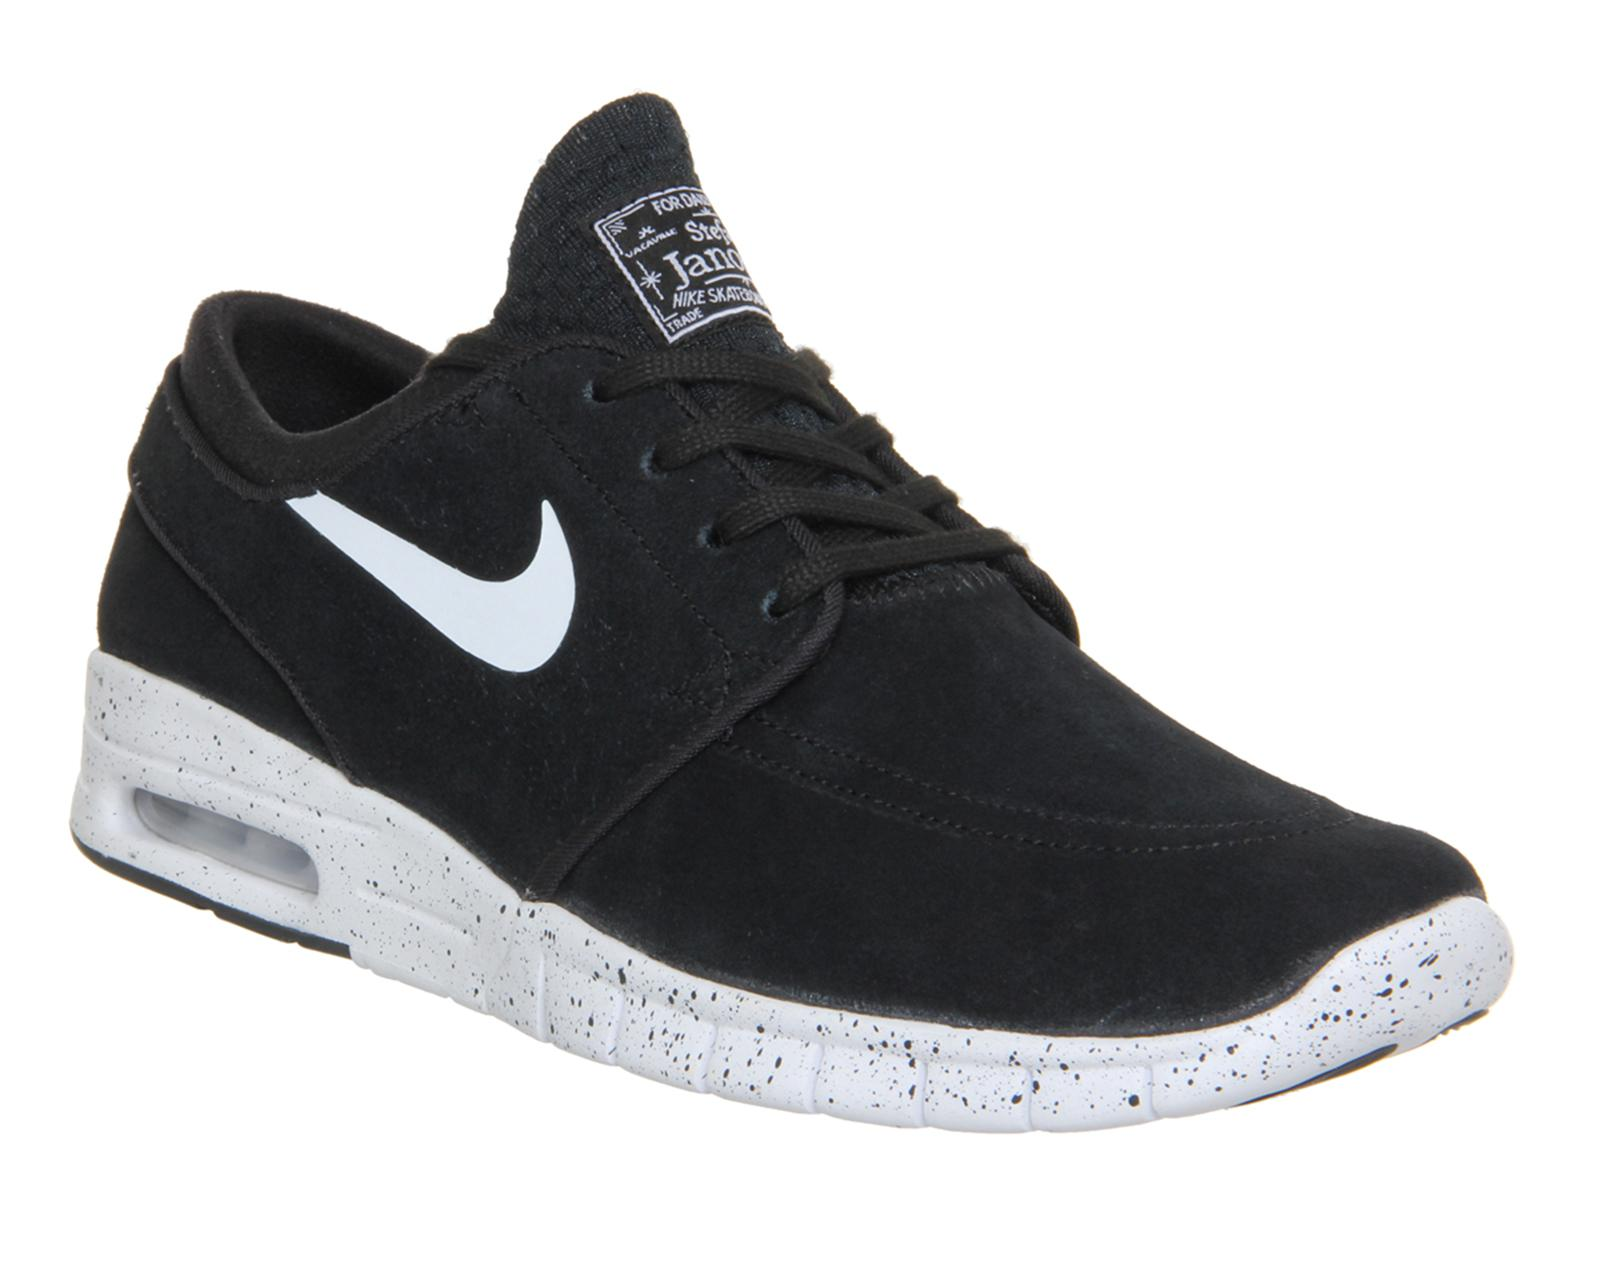 2fbf047b14c Lyst - Nike Stefan Janoski Max in Black for Men